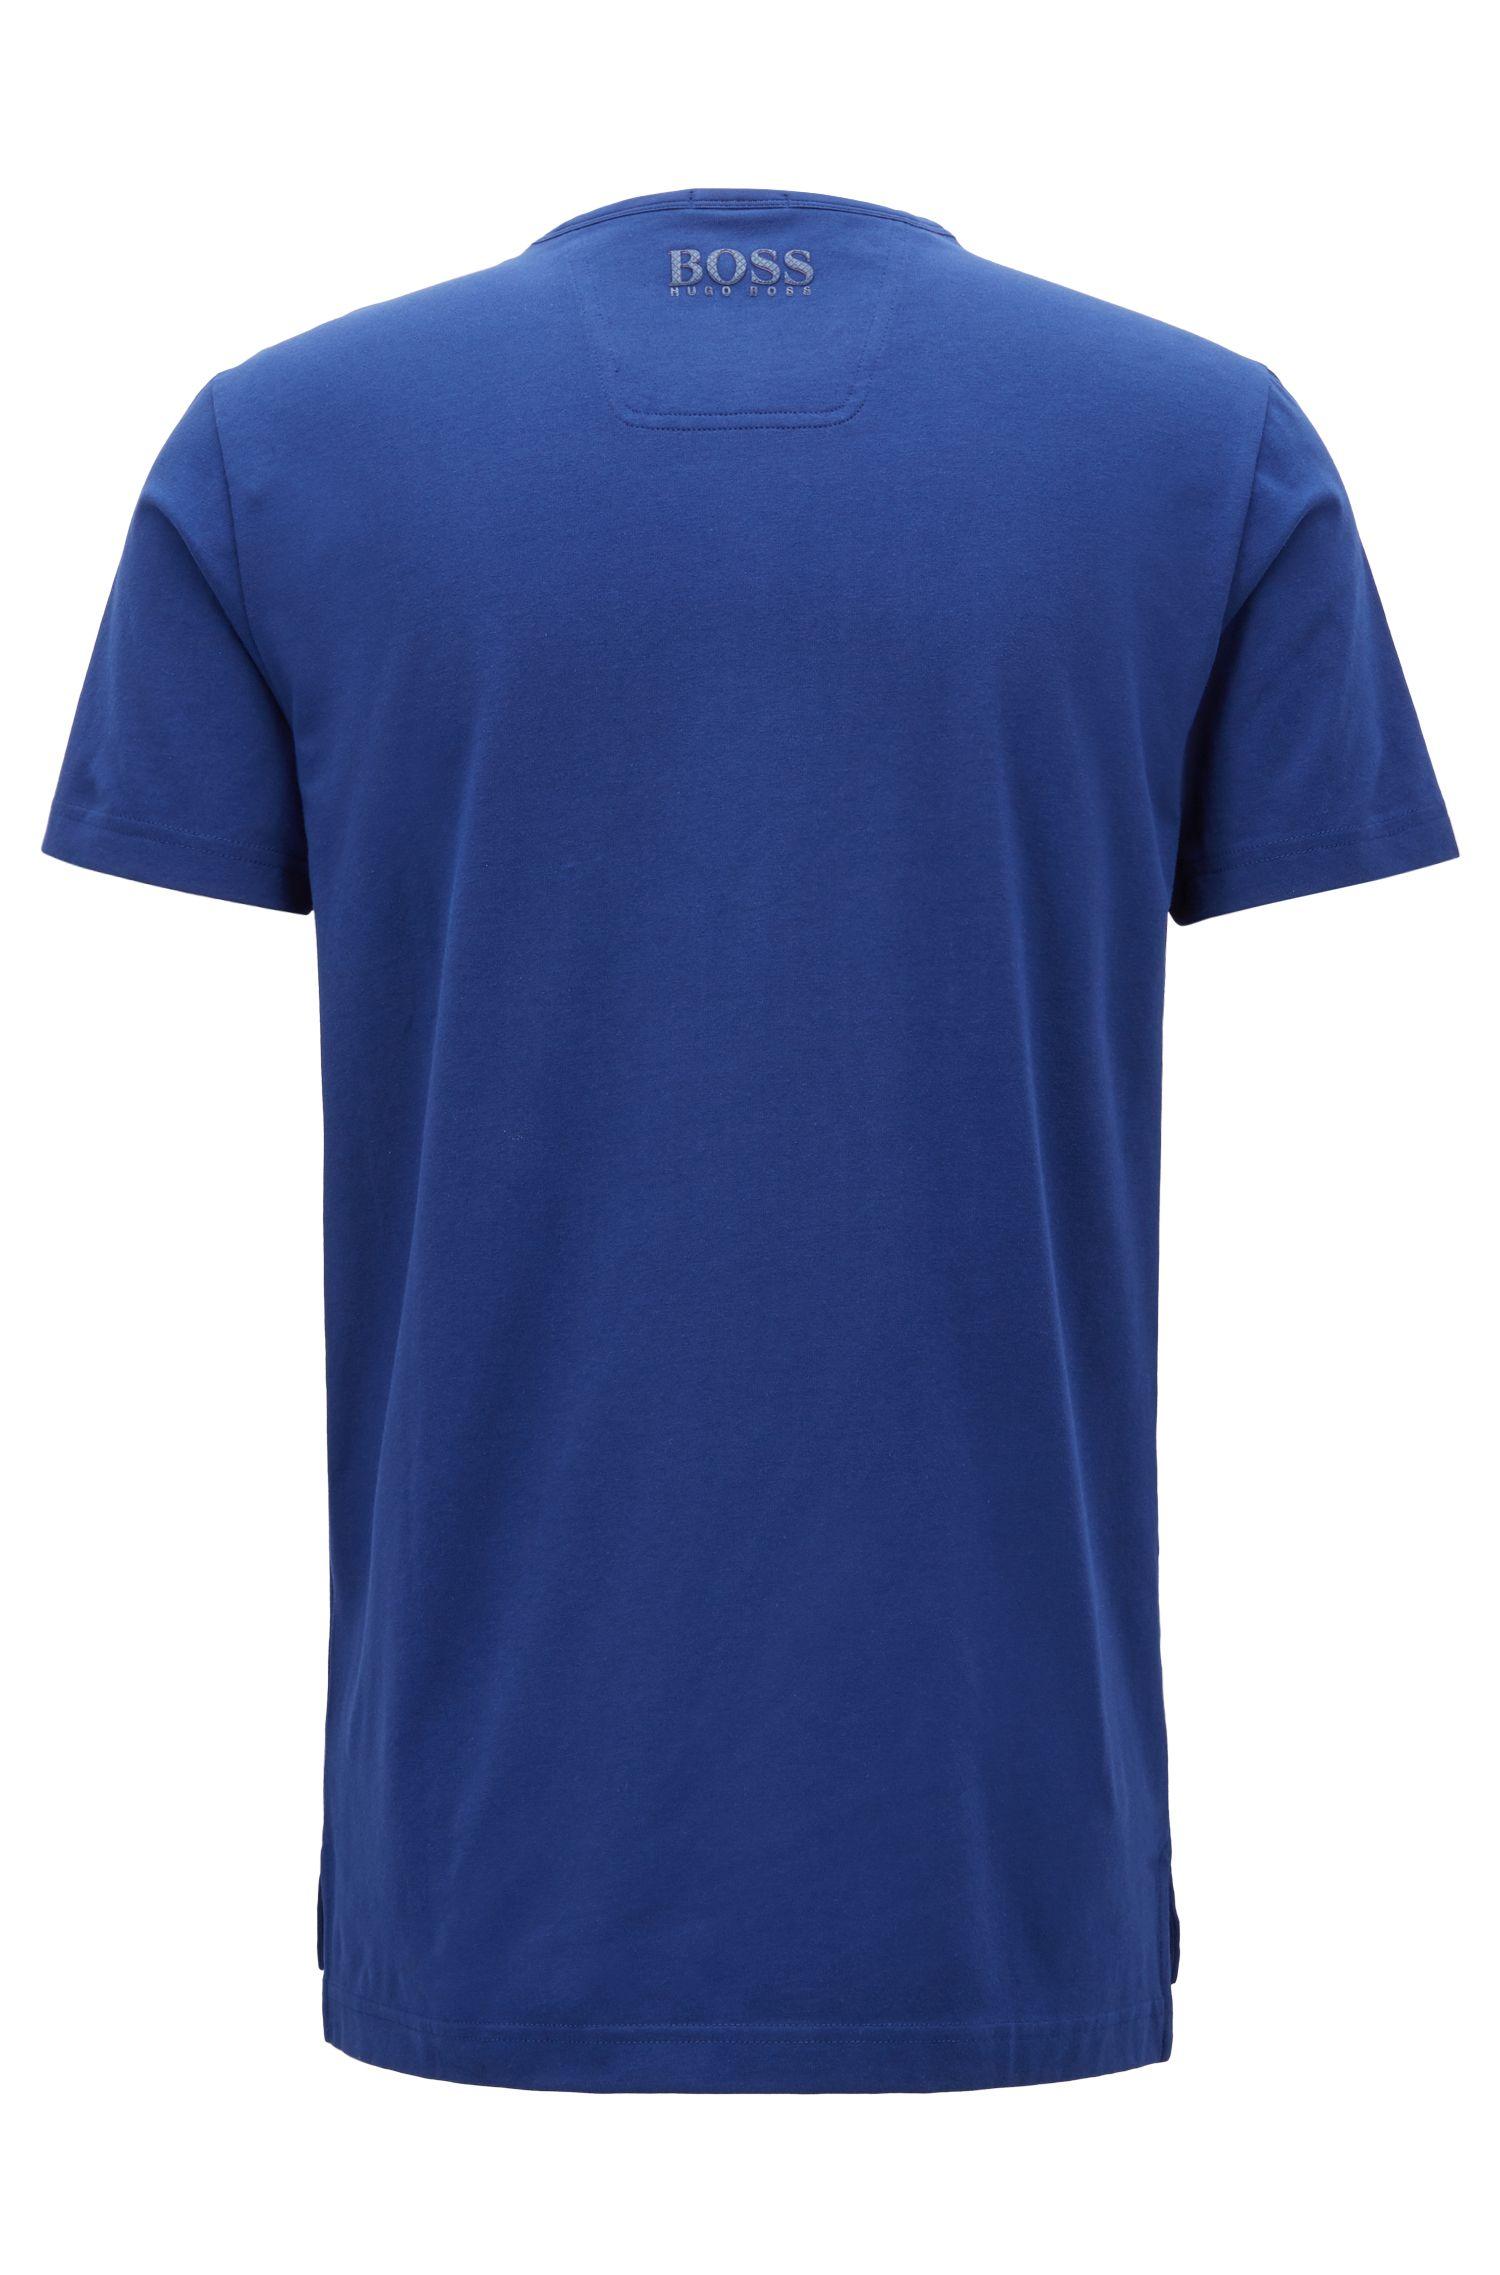 T-shirt en coton stretch avec imprimé équipe nationale